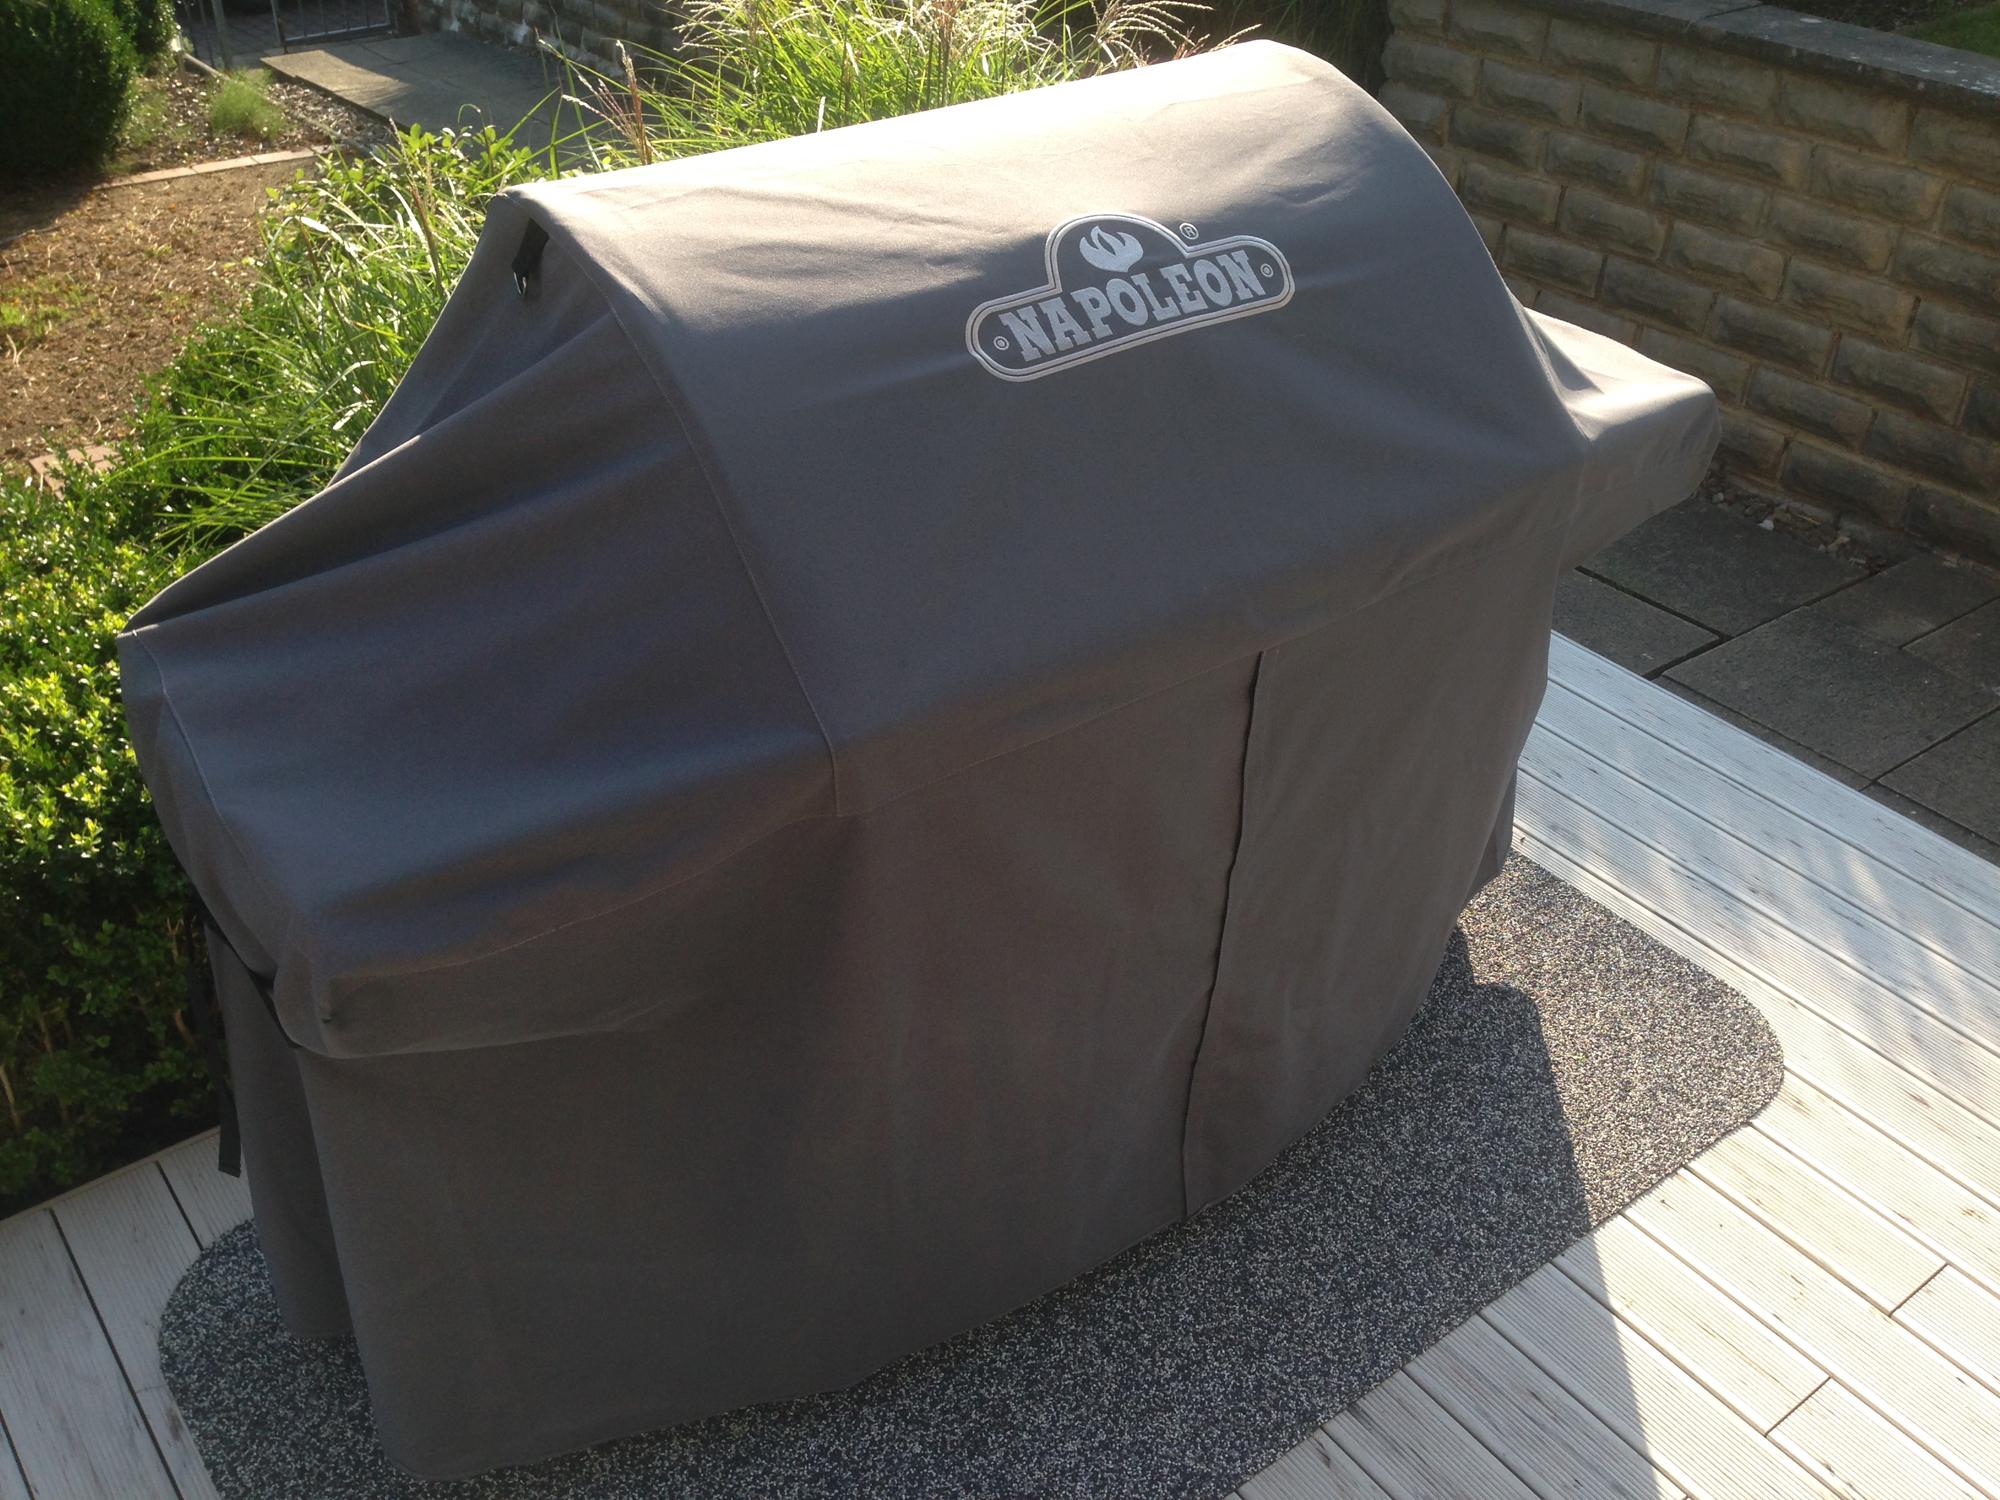 Rösle Gasgrill Abdeckhaube : Abdeckhauben passende abdeckhaube für ihren grill kaufen